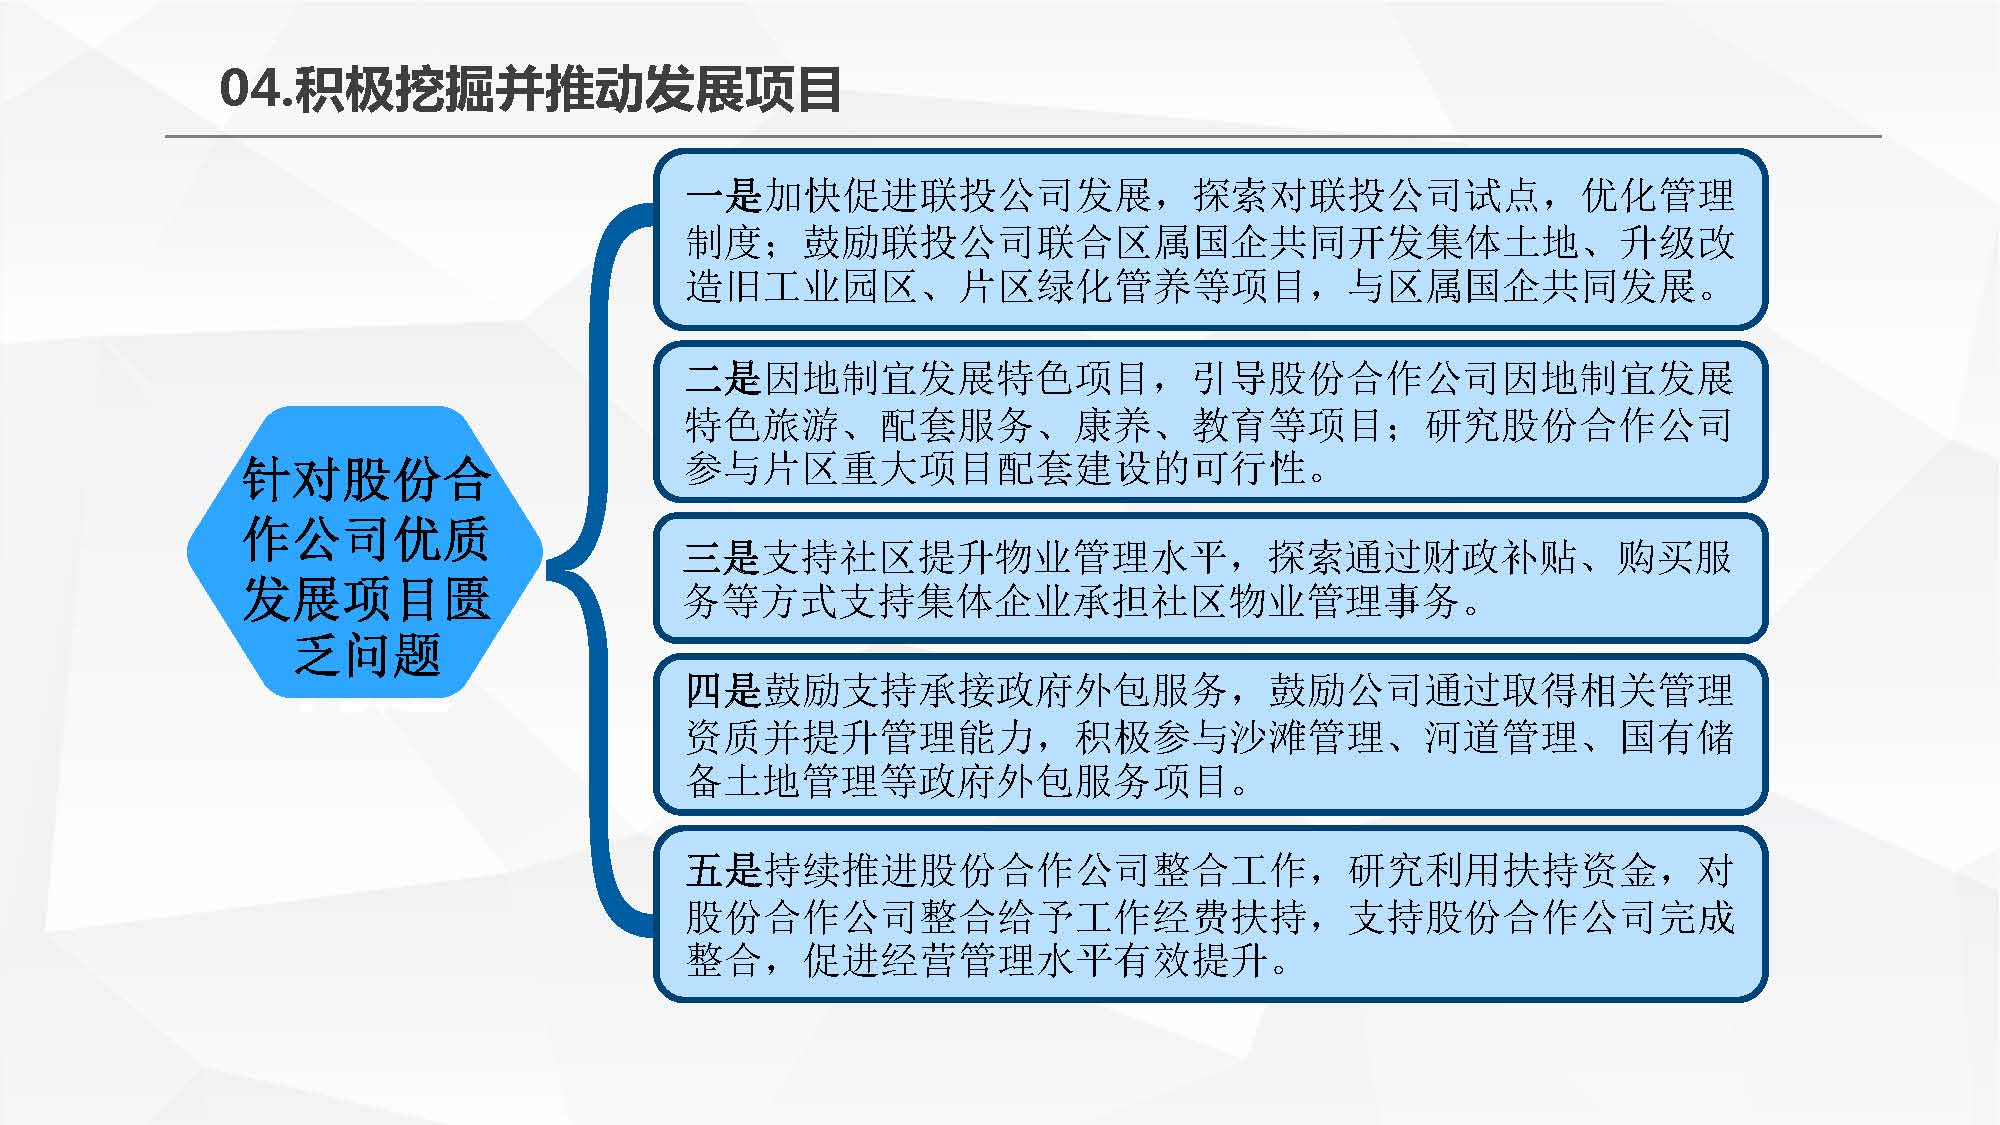 20200611若干措施政策解读ppt_页面_7.jpg